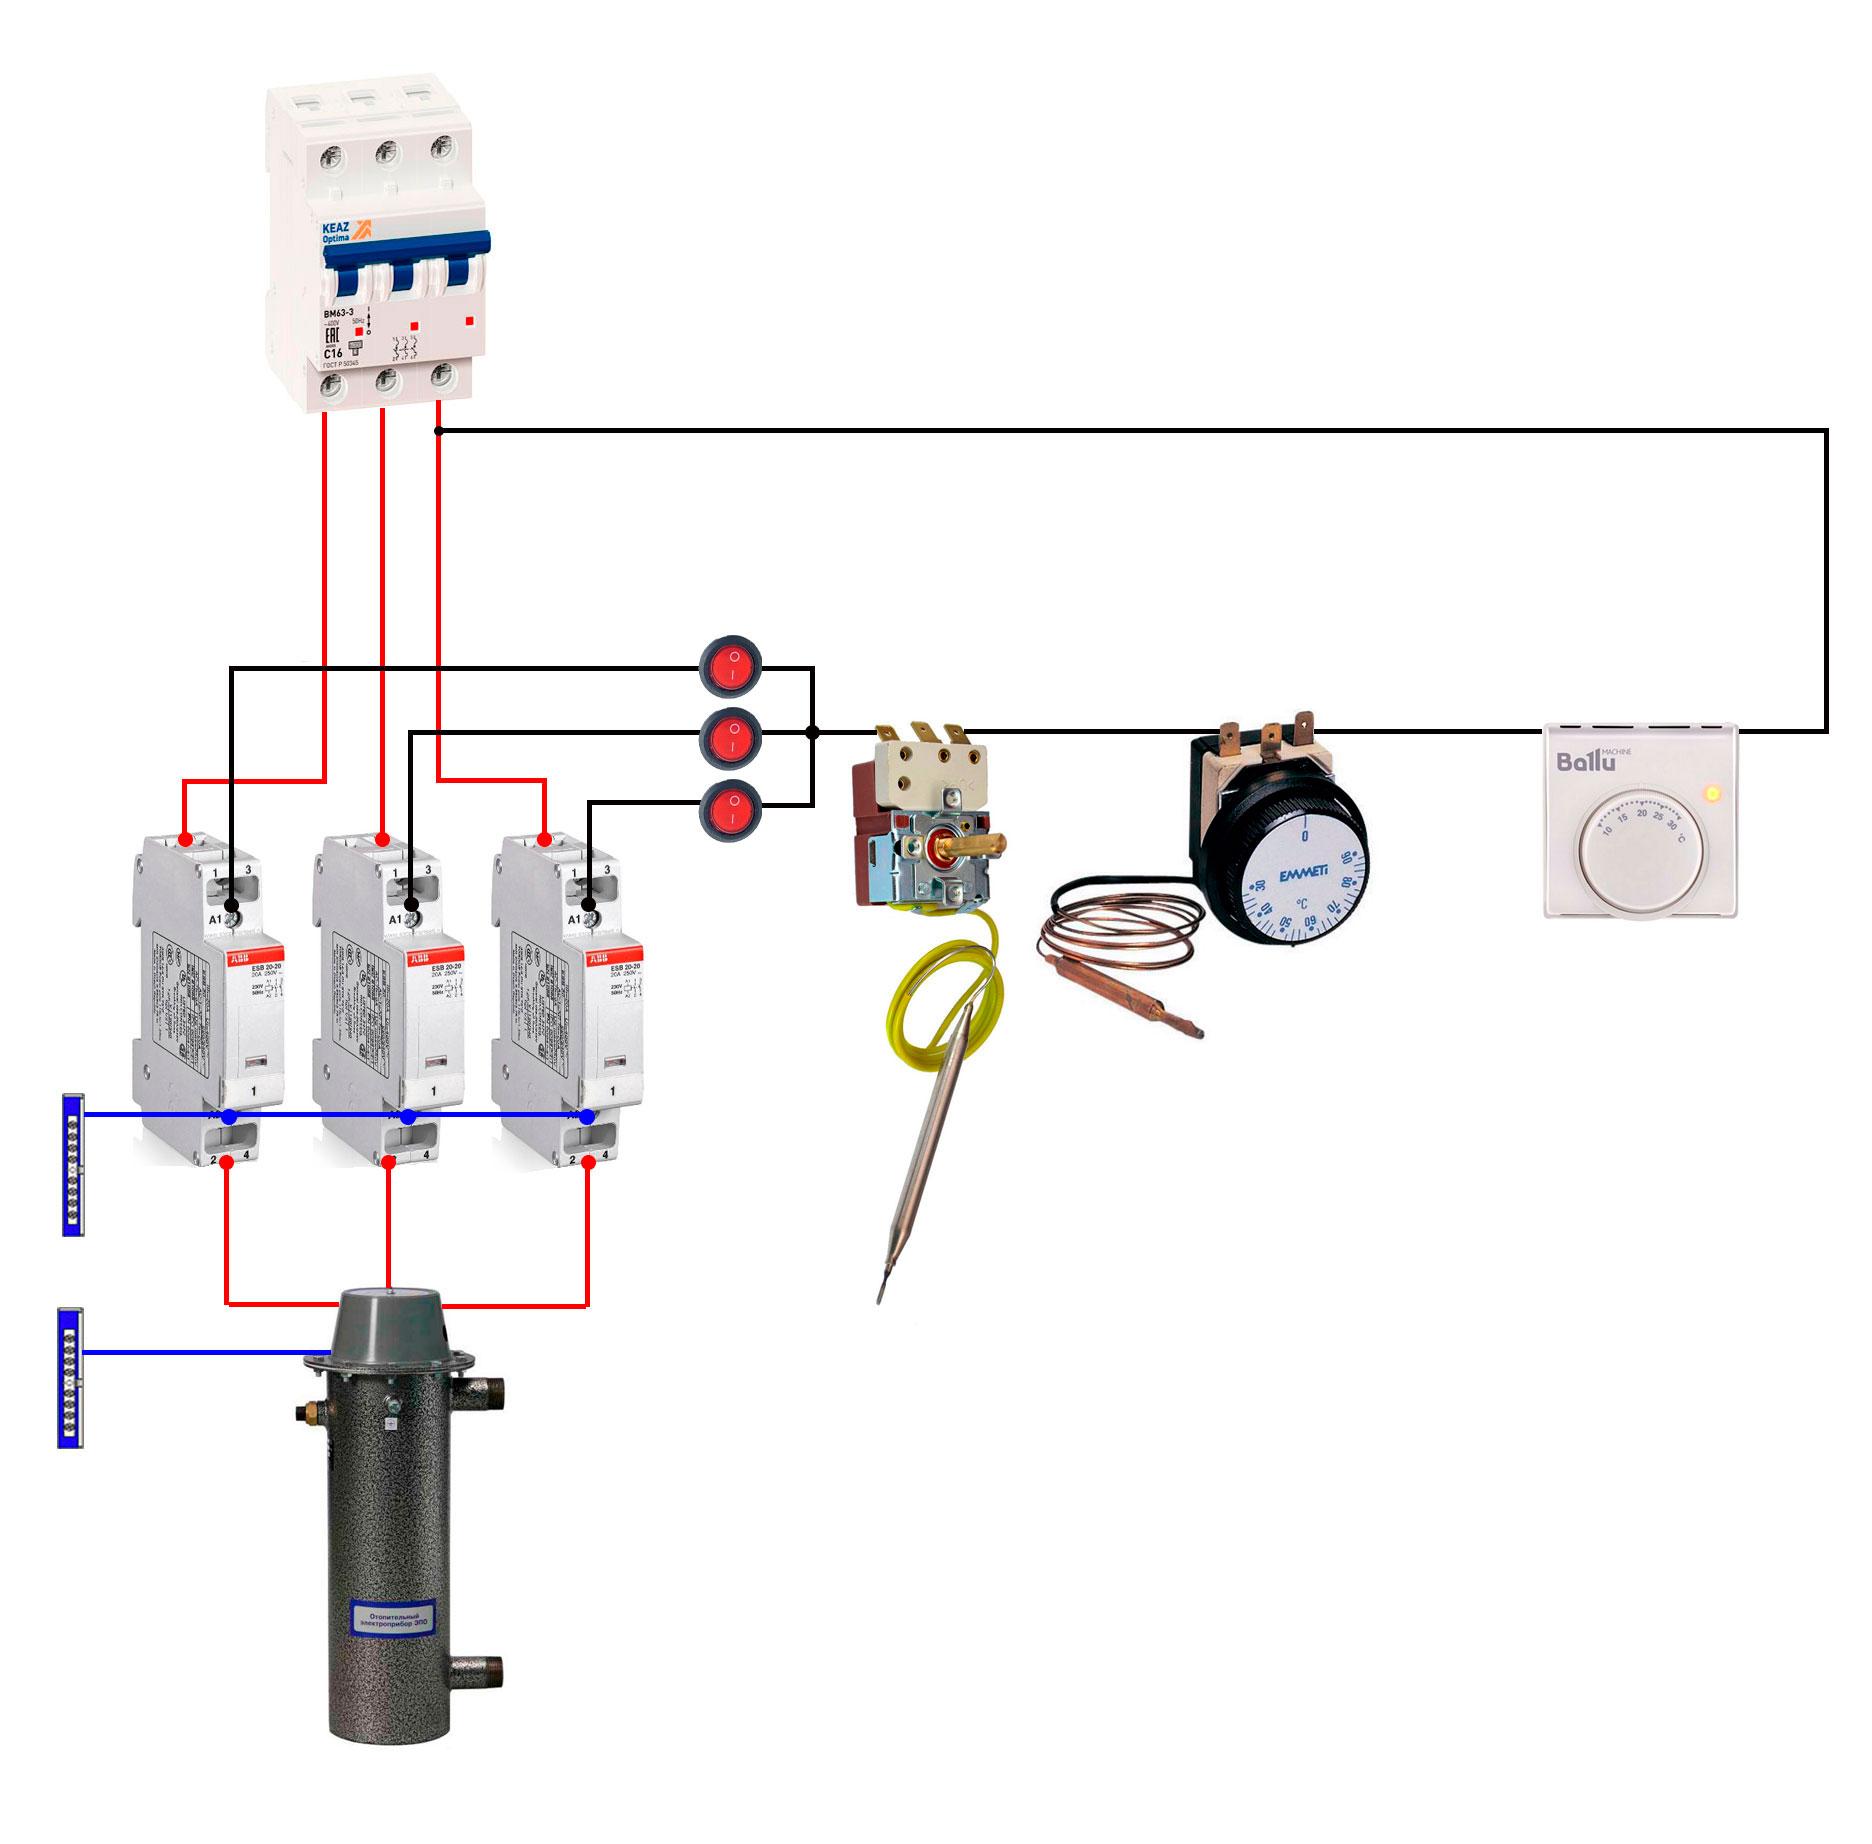 схема автоматики управления электрокотла и электрического отопления своими руками